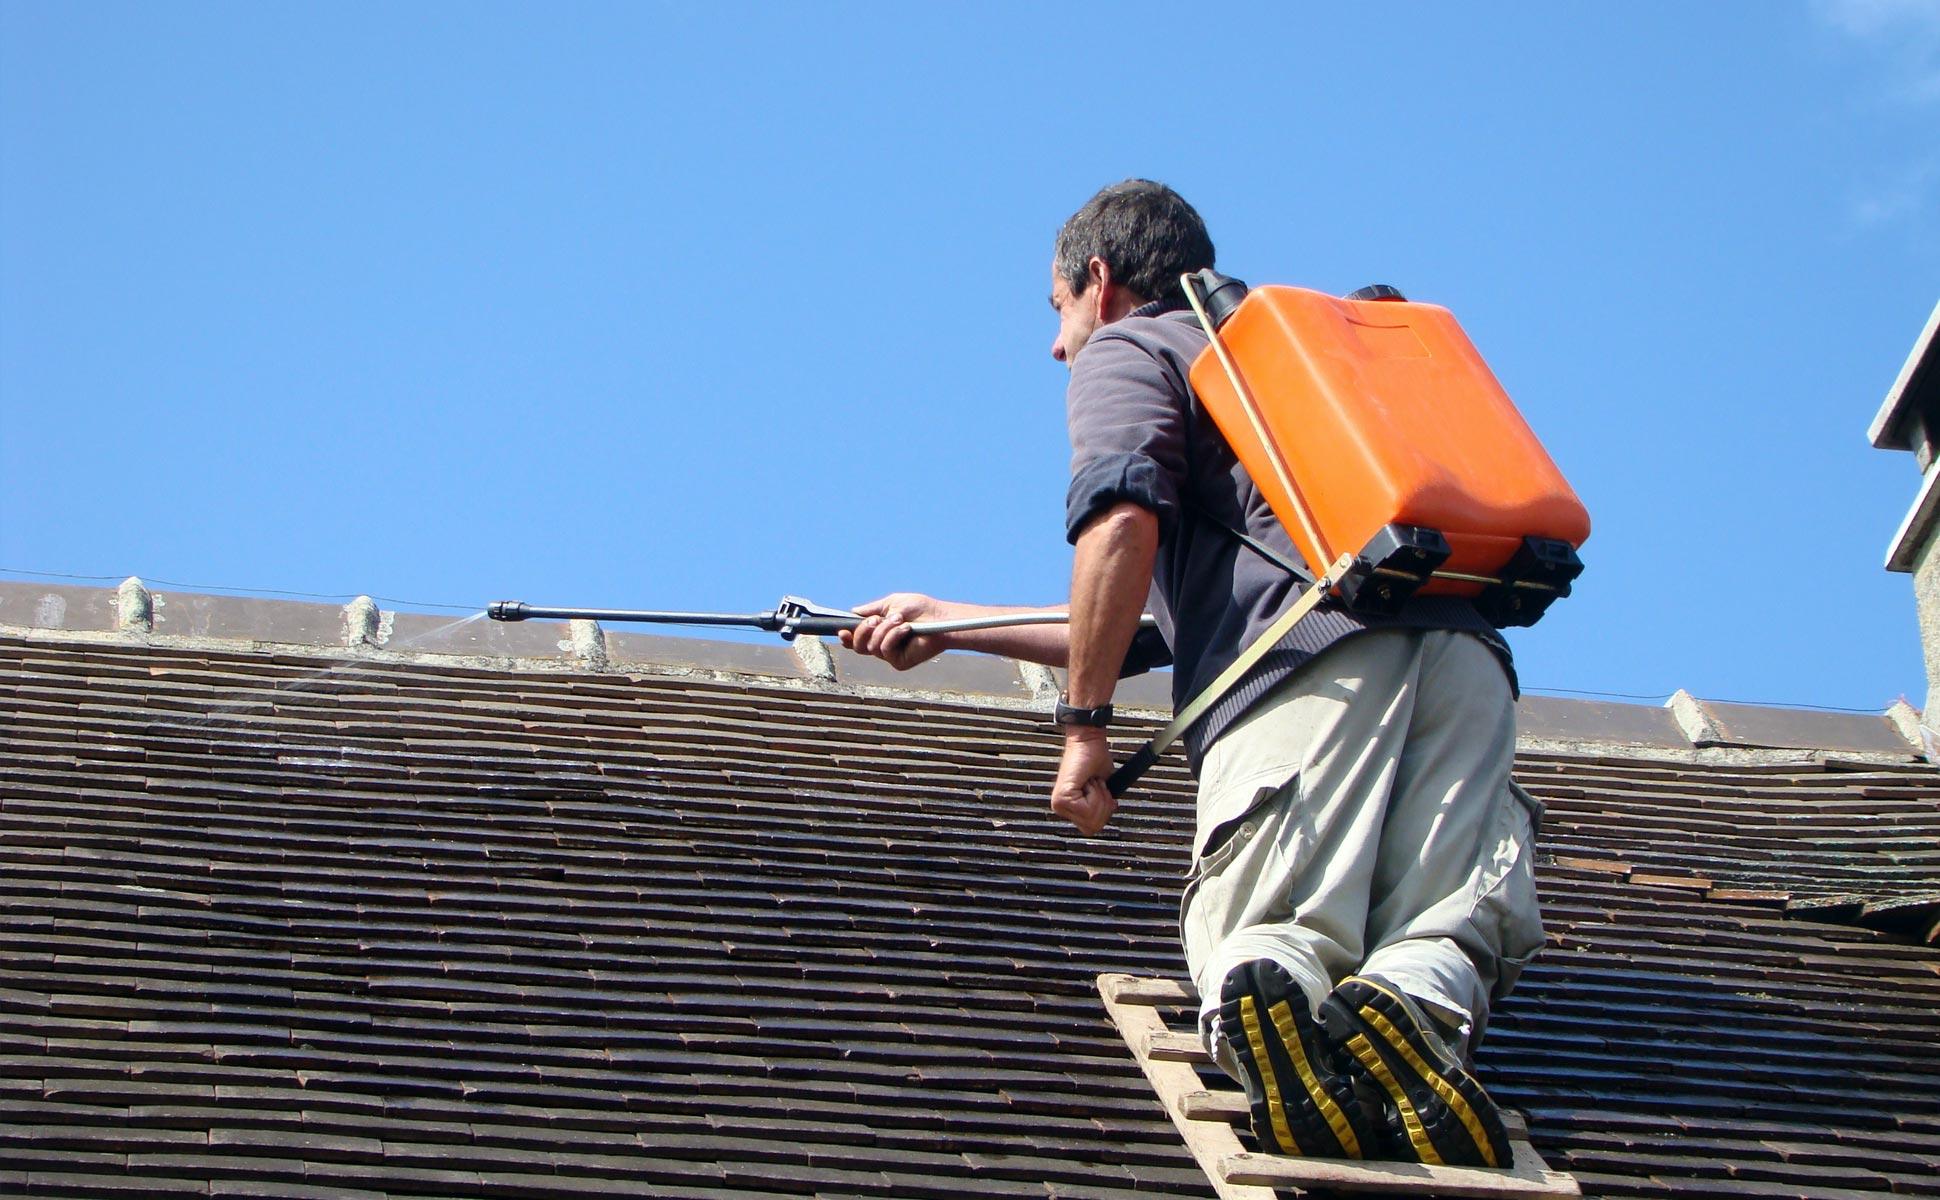 Traitement hydrofuge des tuiles d'une toiture pour restaurer leur étanchéité